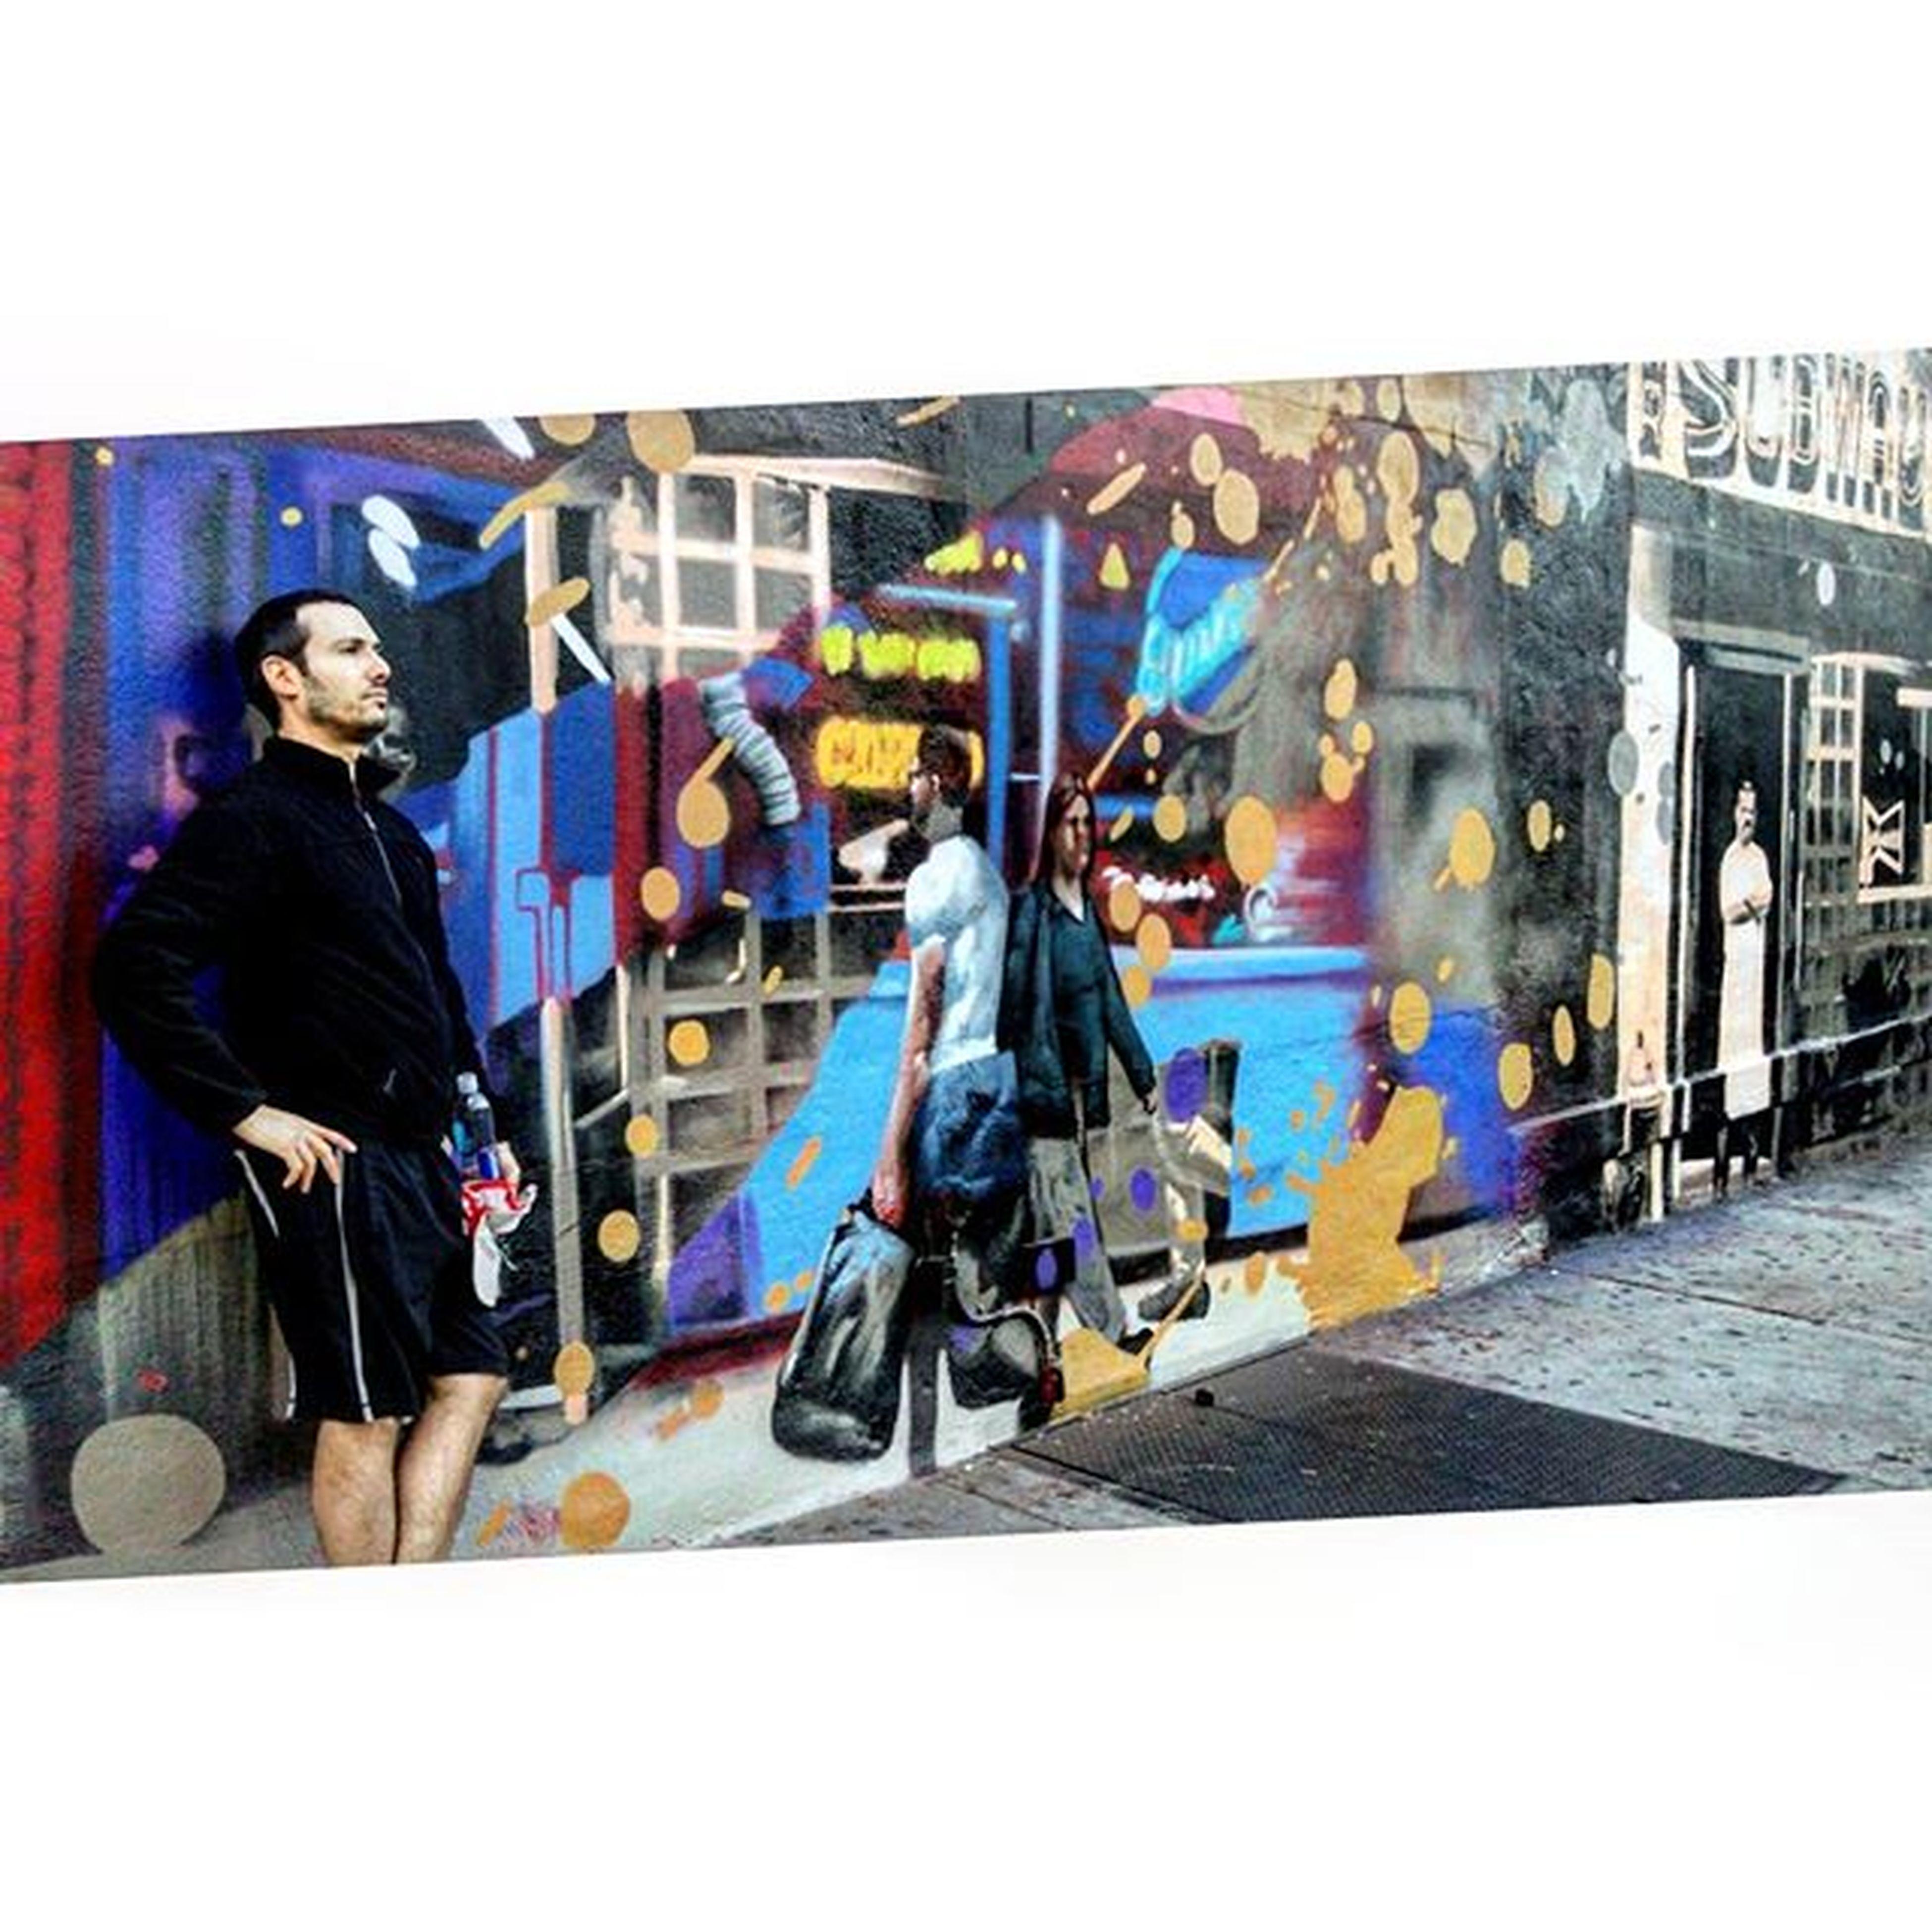 NYC Manhattan Streetart Mural Sidewalk Manblendsintomural UES Uppereastside